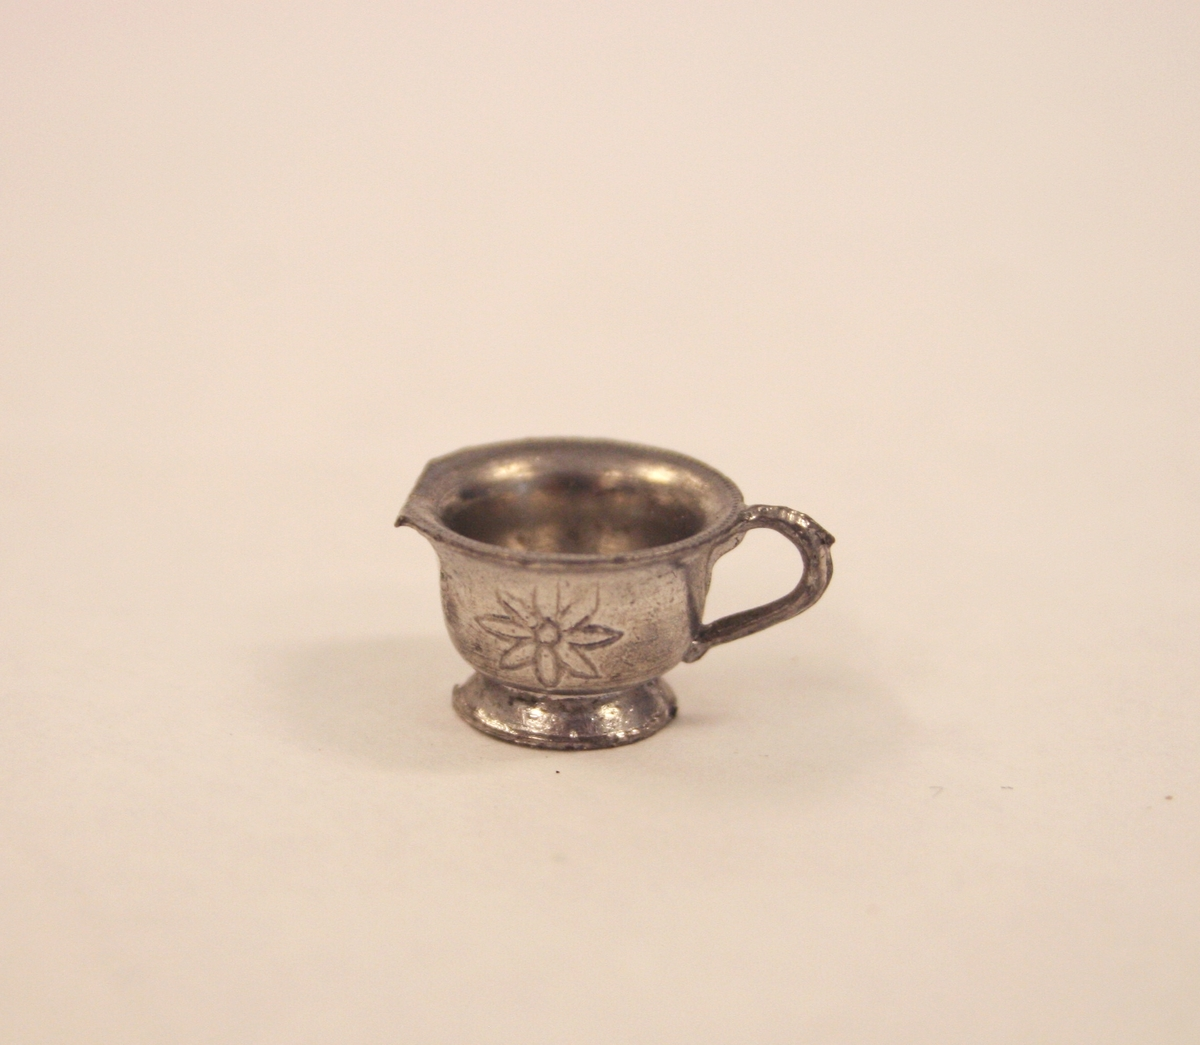 A) Eske:  Perlestav rundt kanten av lokket i gull.  B) Serveringsfat: Riflet kant med dekor under kanten og på fatet. I midten er et blomsterdekor.  C) Tekanne: Mønstret dekor på lokket, blomsterdekor på hver side av kanne.  D) Fløtemugge: Riflet kant på toppen med blomster på hver side av muggen.  E) Tekopper: Riflet kant øverst på koppen rundt, blomsterdekor på hver side av koppen.  F) Teskål: Riflet langs kanten hele veien rundt.  G) Serveringsbolle: Møstret og riflet kant med prikker rundt hele.  H) Duk: Heklet broderi, blomsterlikning.